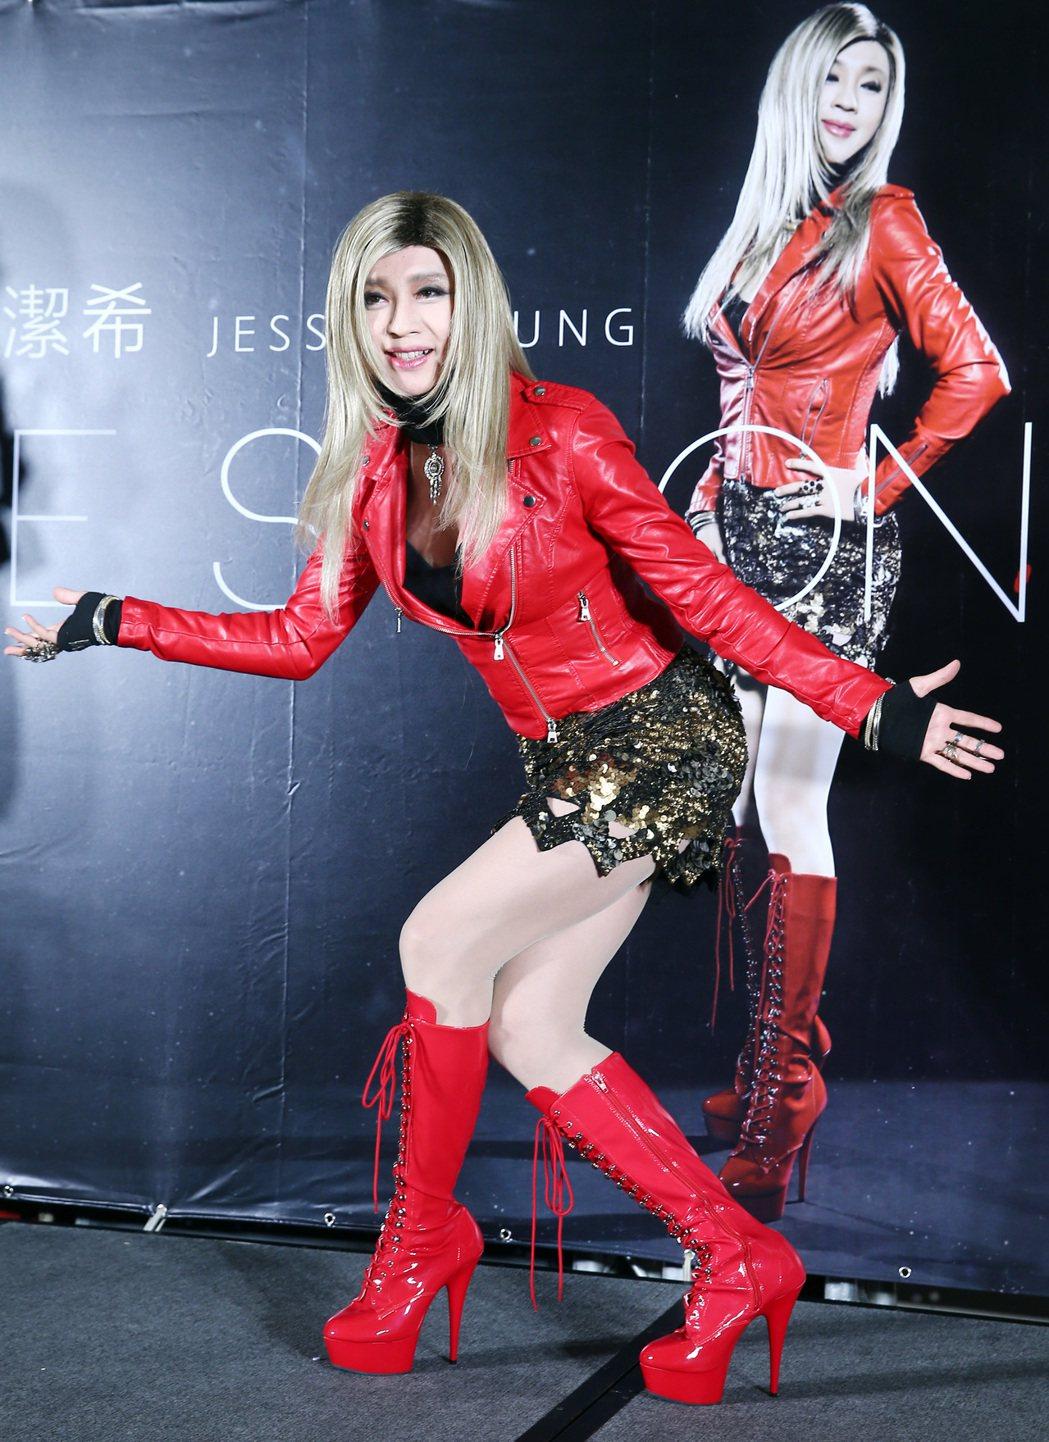 大馬歌手鍾潔希來台推出「BE STRONG 堅強」英文專輯,記者會上同時收到澳洲...